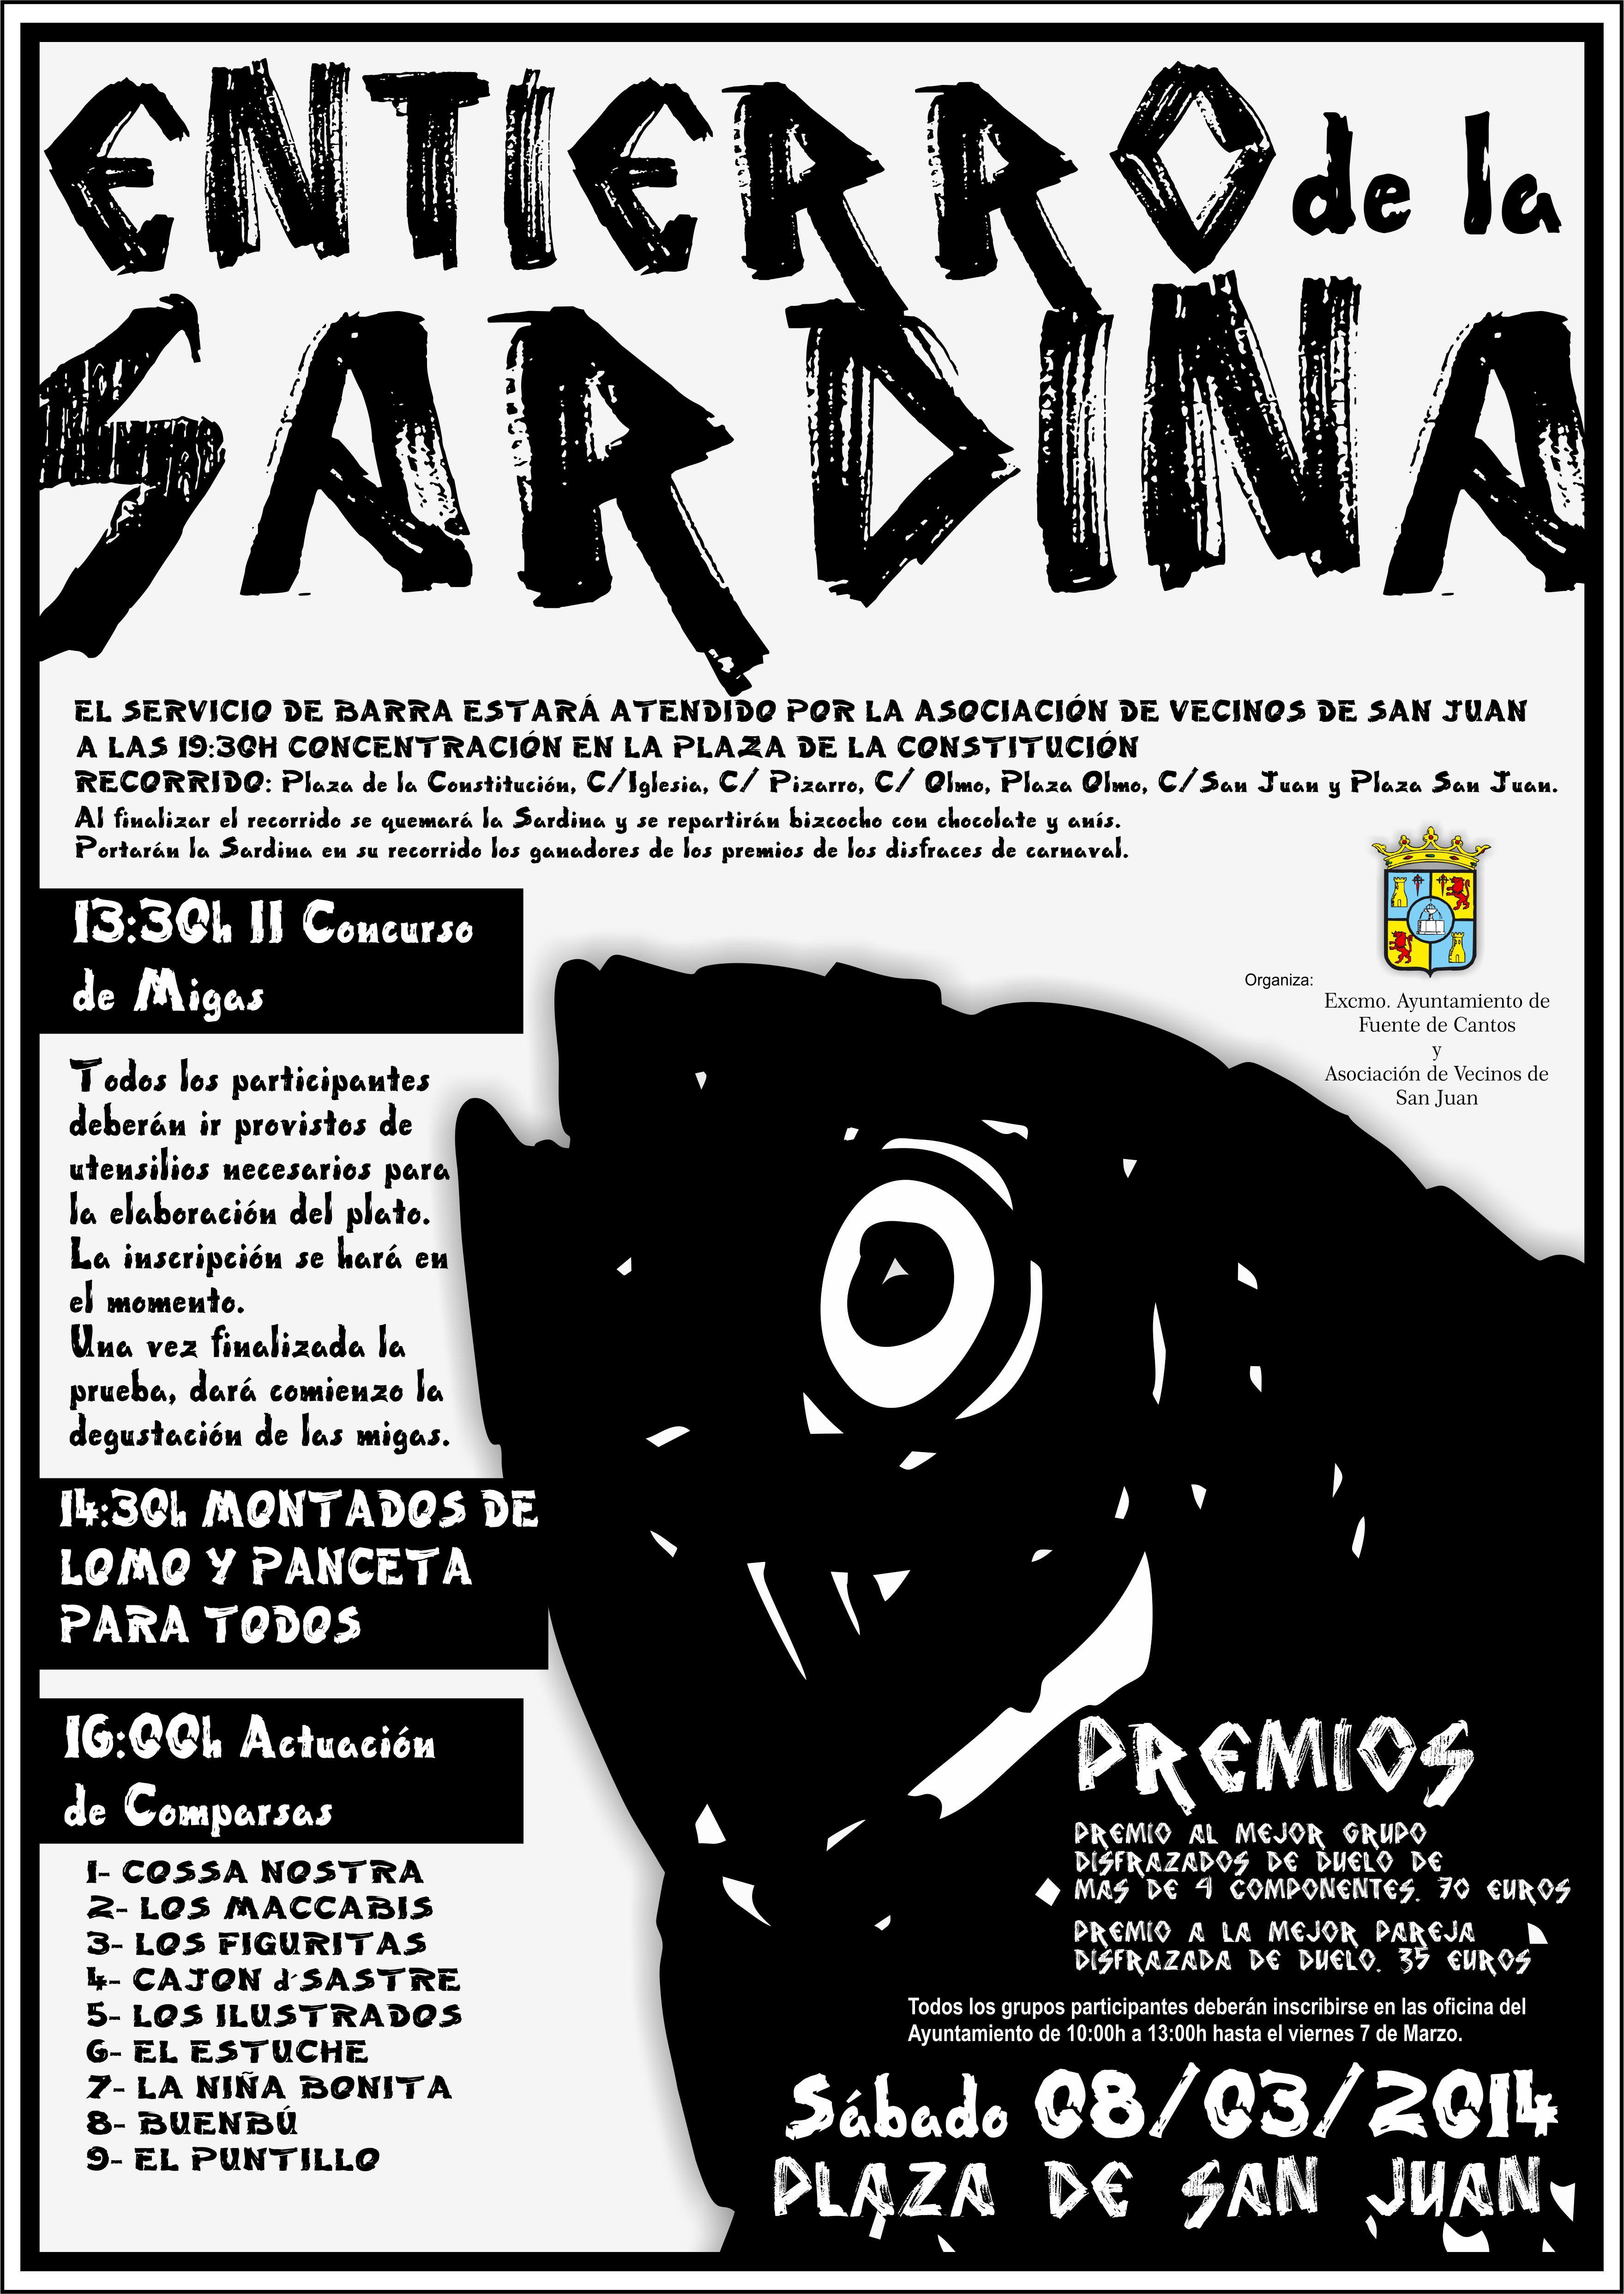 entiero-sardina